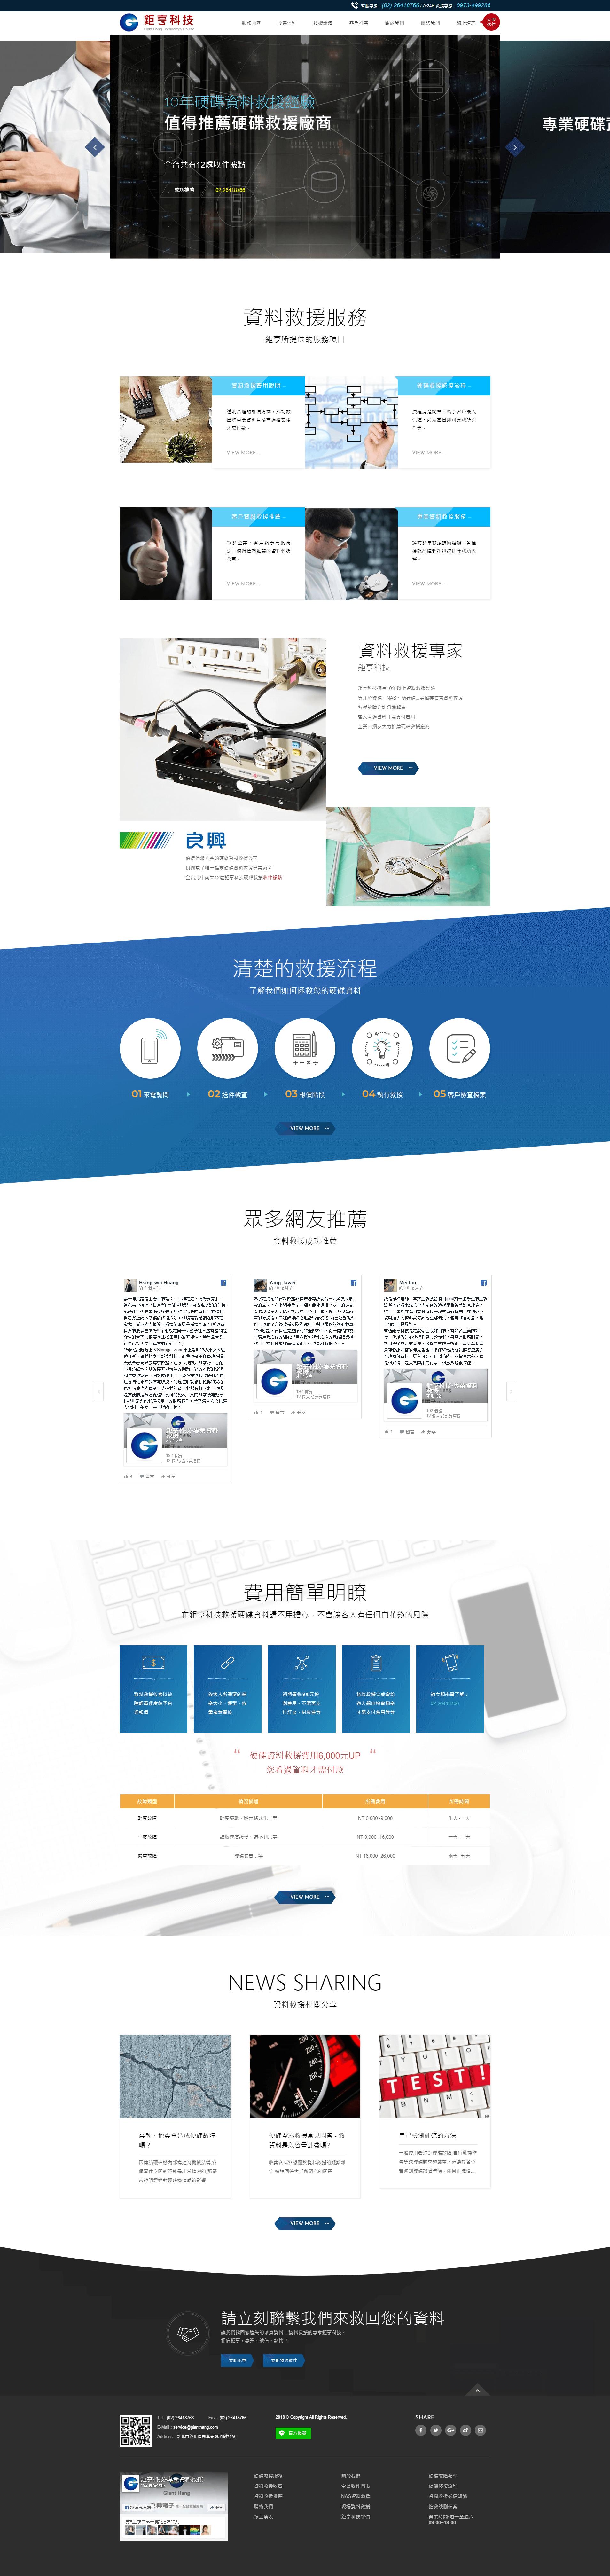 鉅亨科技-網頁設計